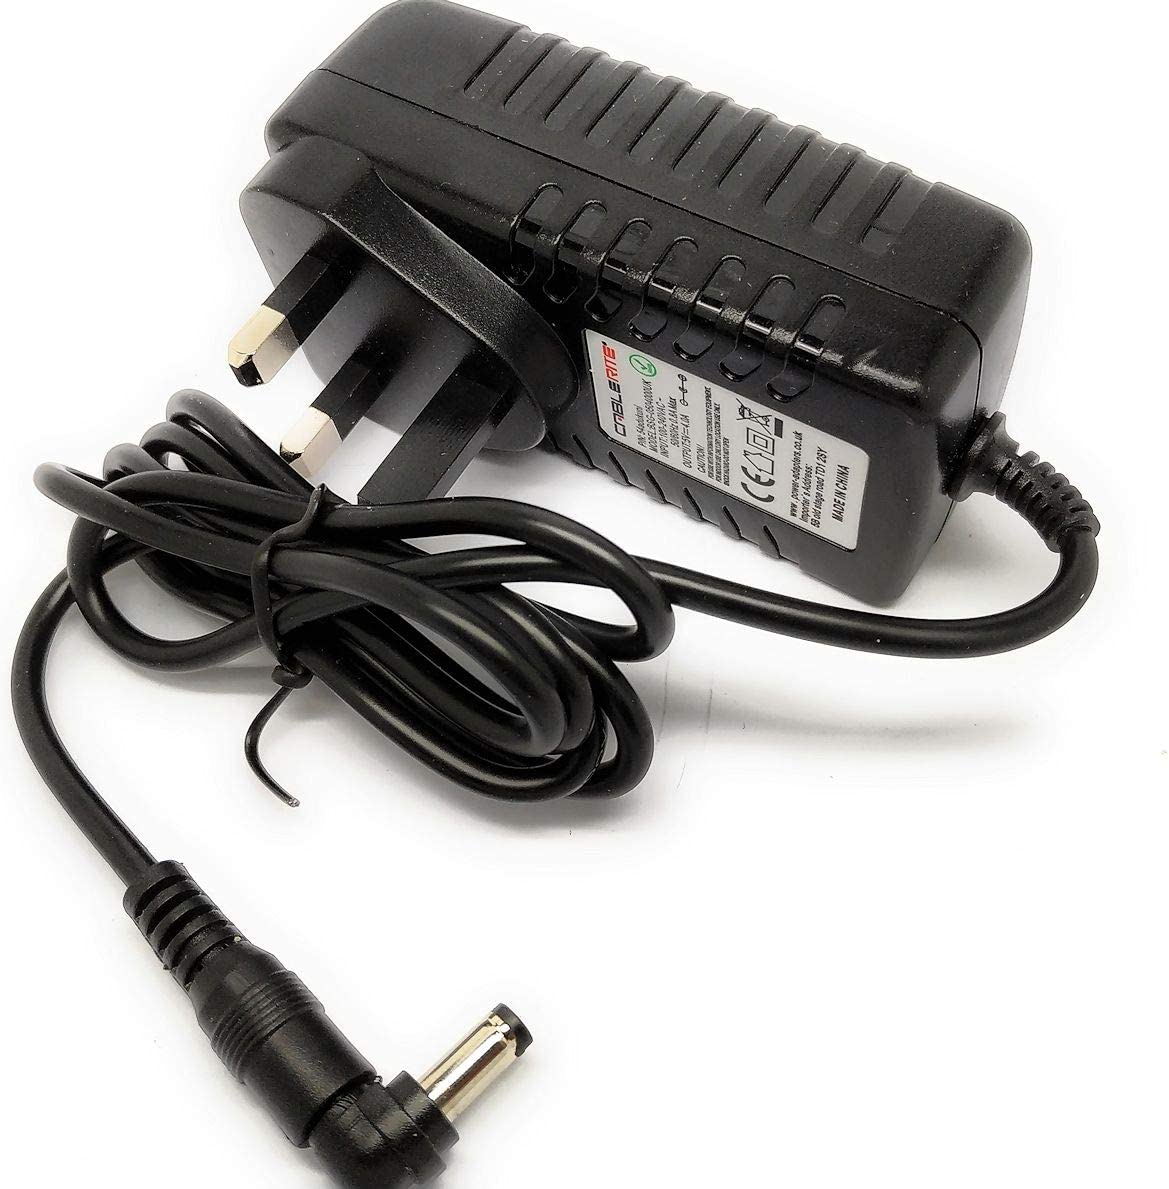 5v Sunny psu SYS1357-1305 SYS 1357 equiv Uk home power supply adaptor plug